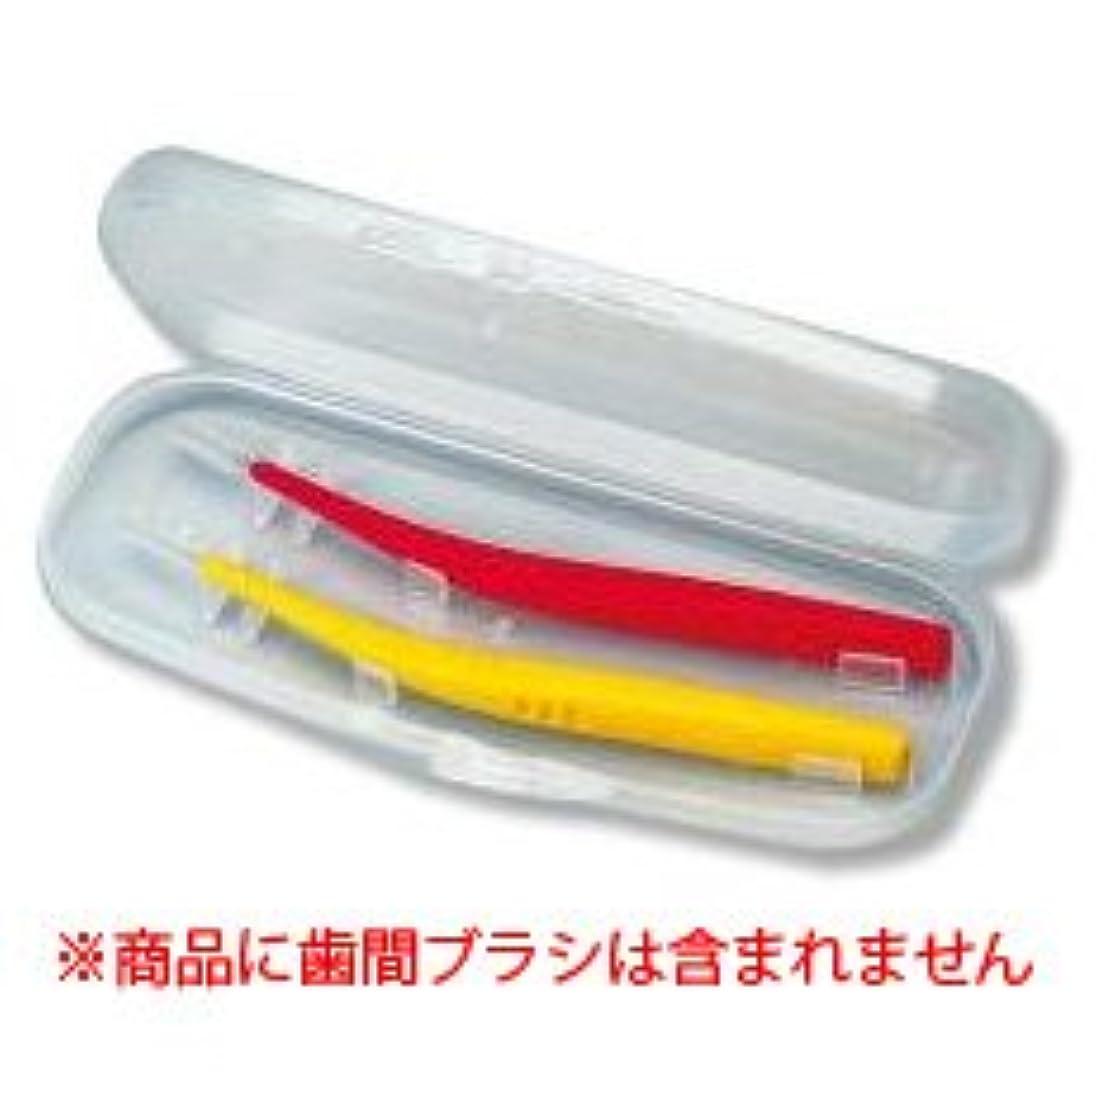 【ジーシー(GC)】【歯科用】プロスペック歯間ブラシ カーブ ケース 10パック【歯間ブラシケース】